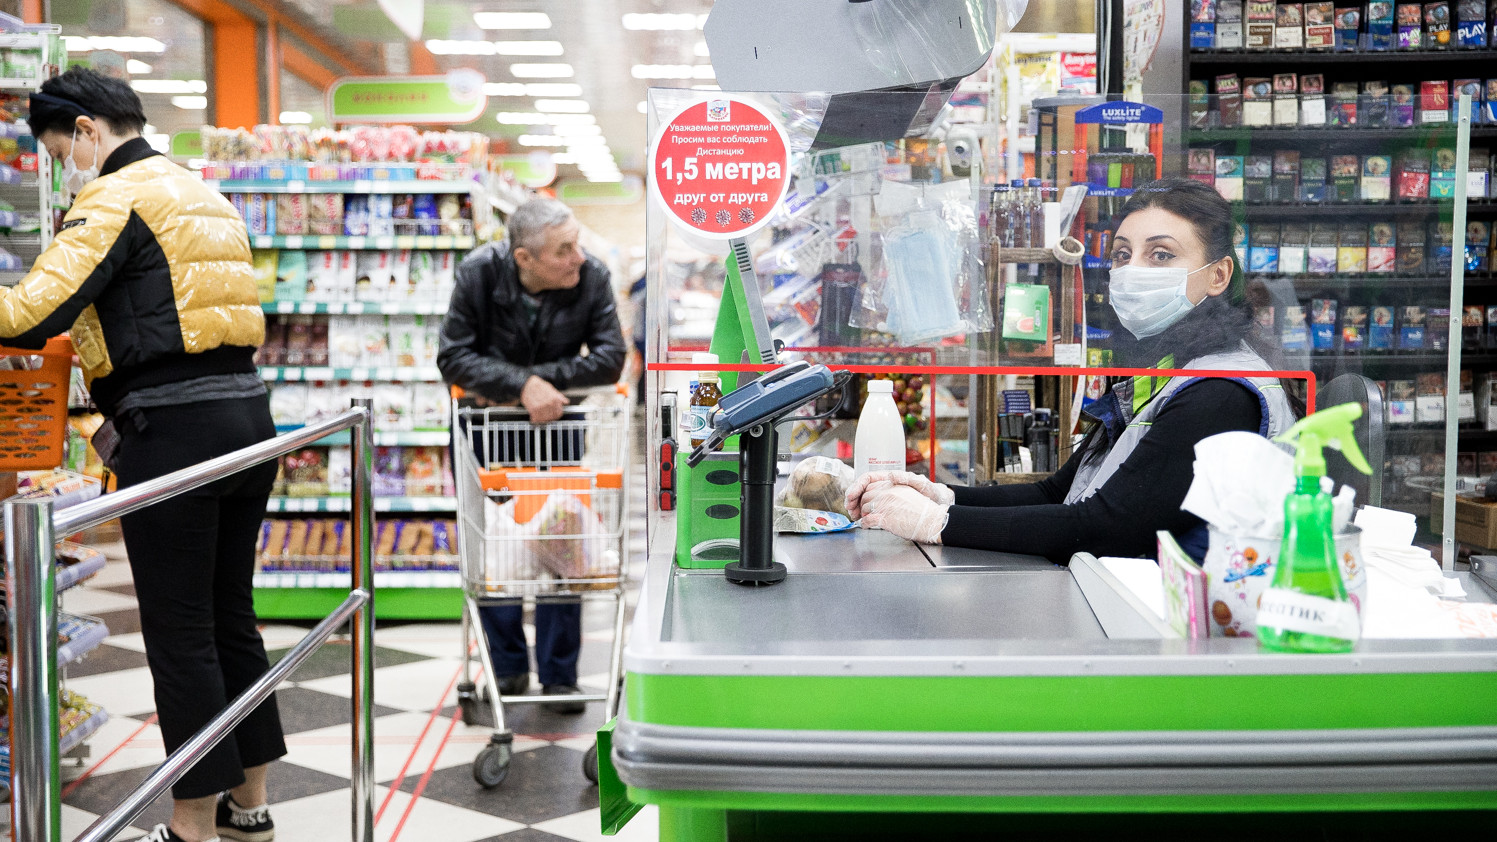 Губернатор объяснил принцип введения ограничений из-за коронавируса в Подмосковье